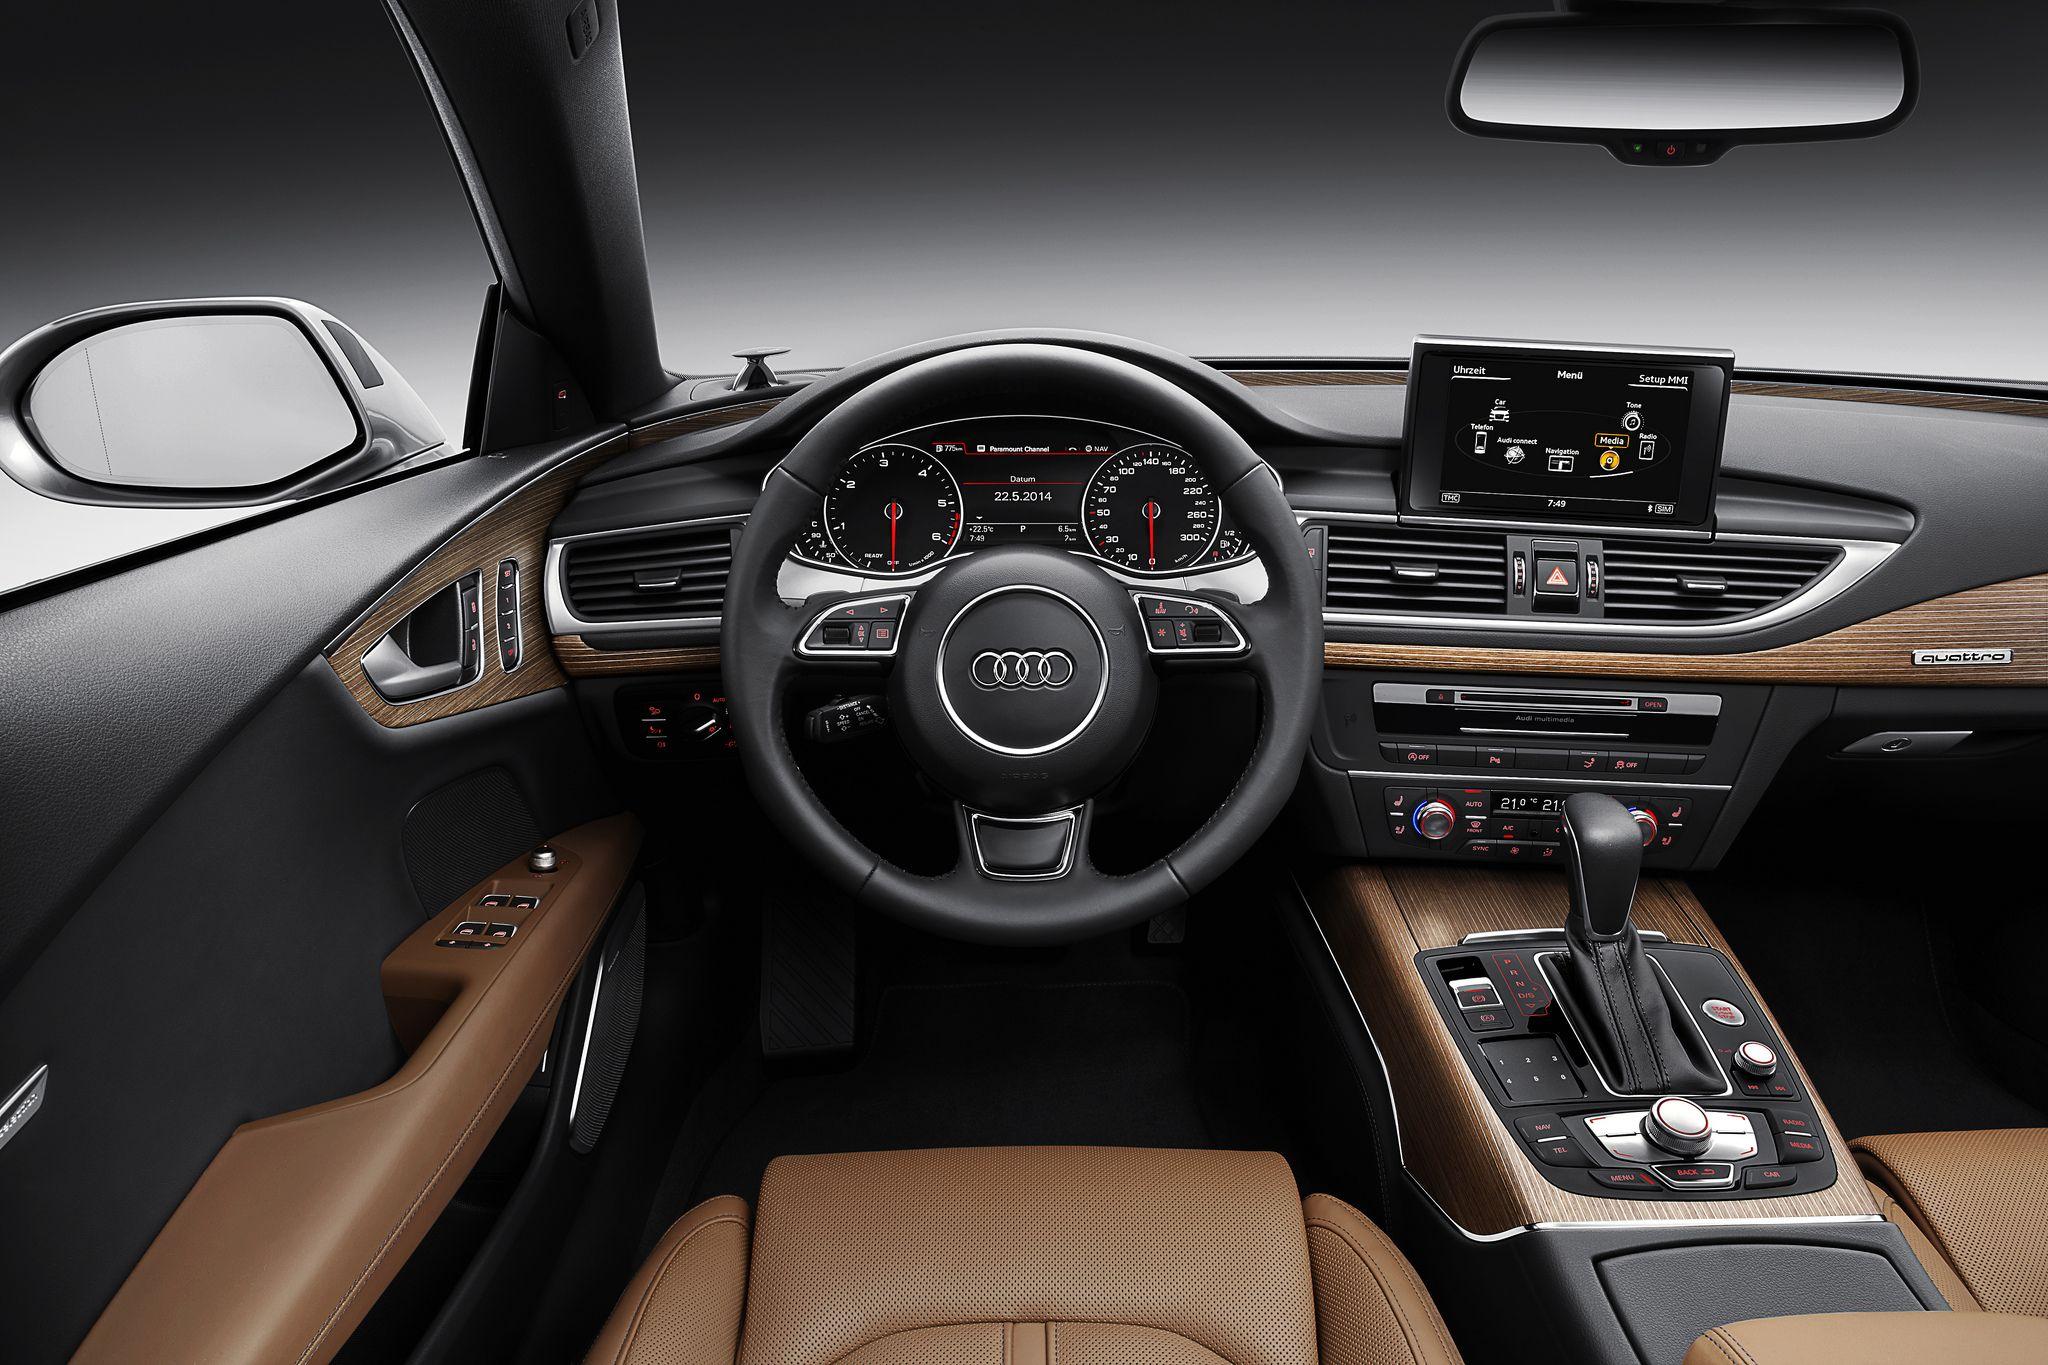 Audi A7 Sportback Cockpit Audi A7 Sportback Audi A7 Audi A7 Interior